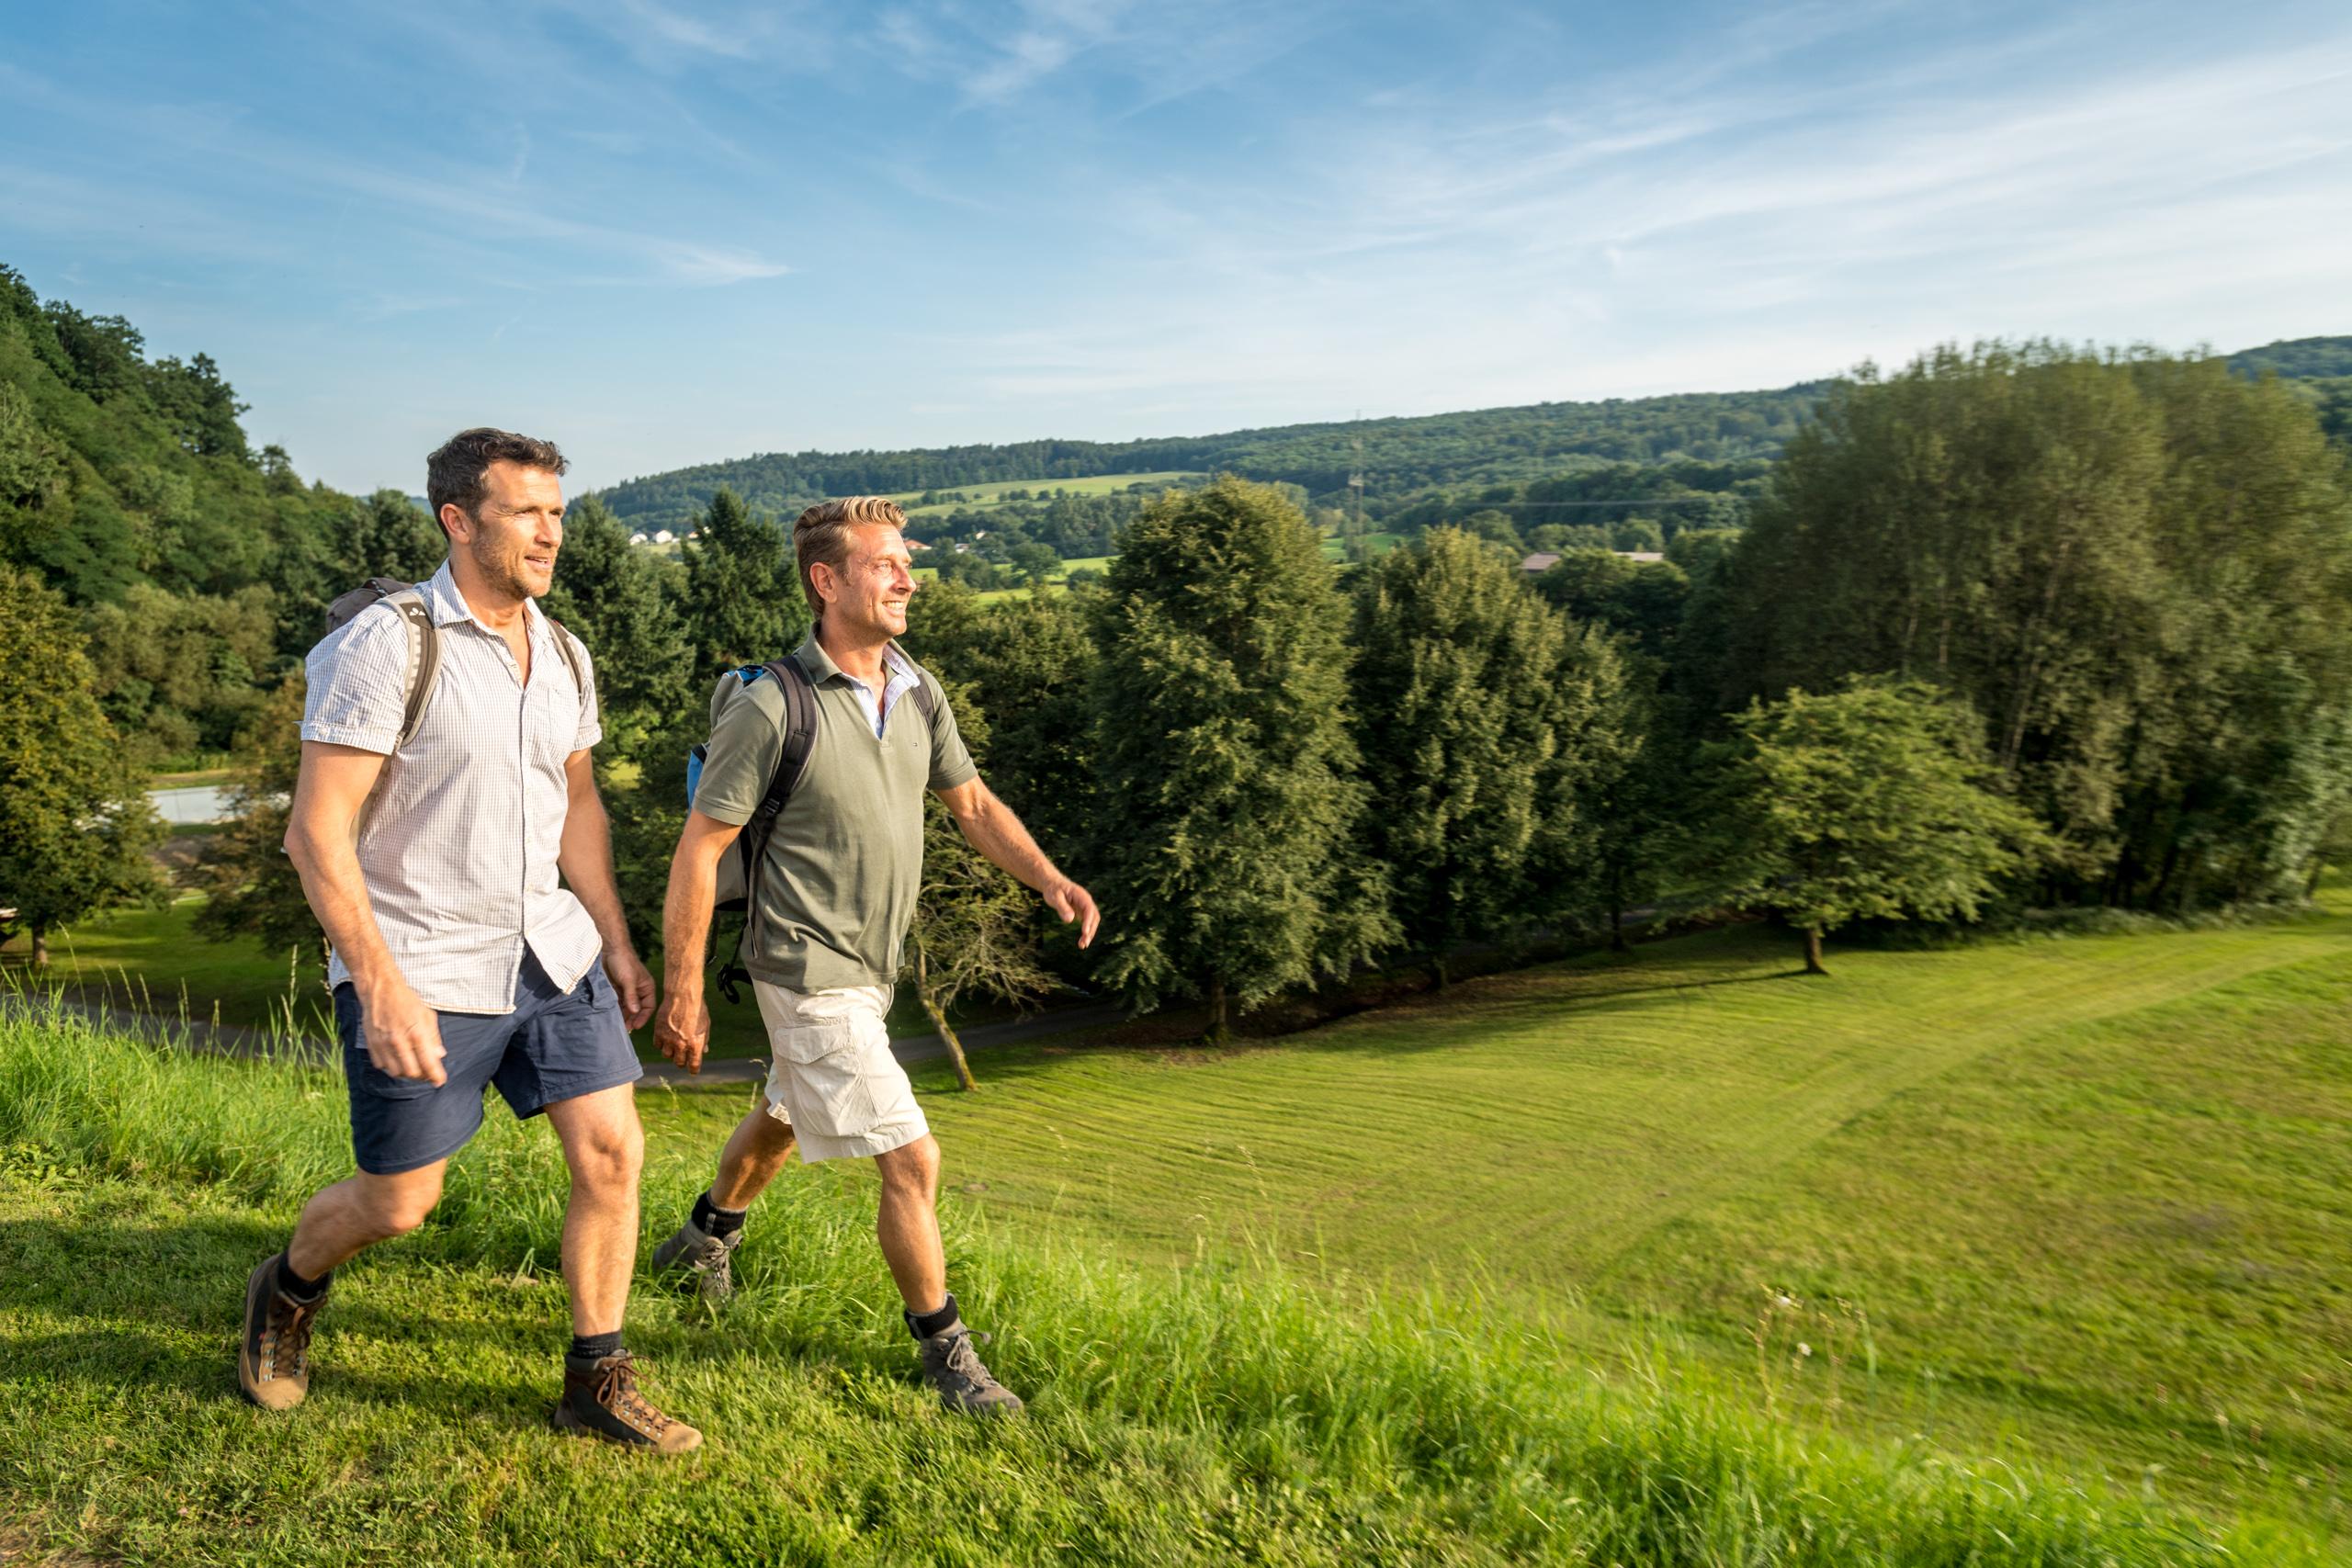 Wandelaars op de WesterwaldSteig, Westerwald